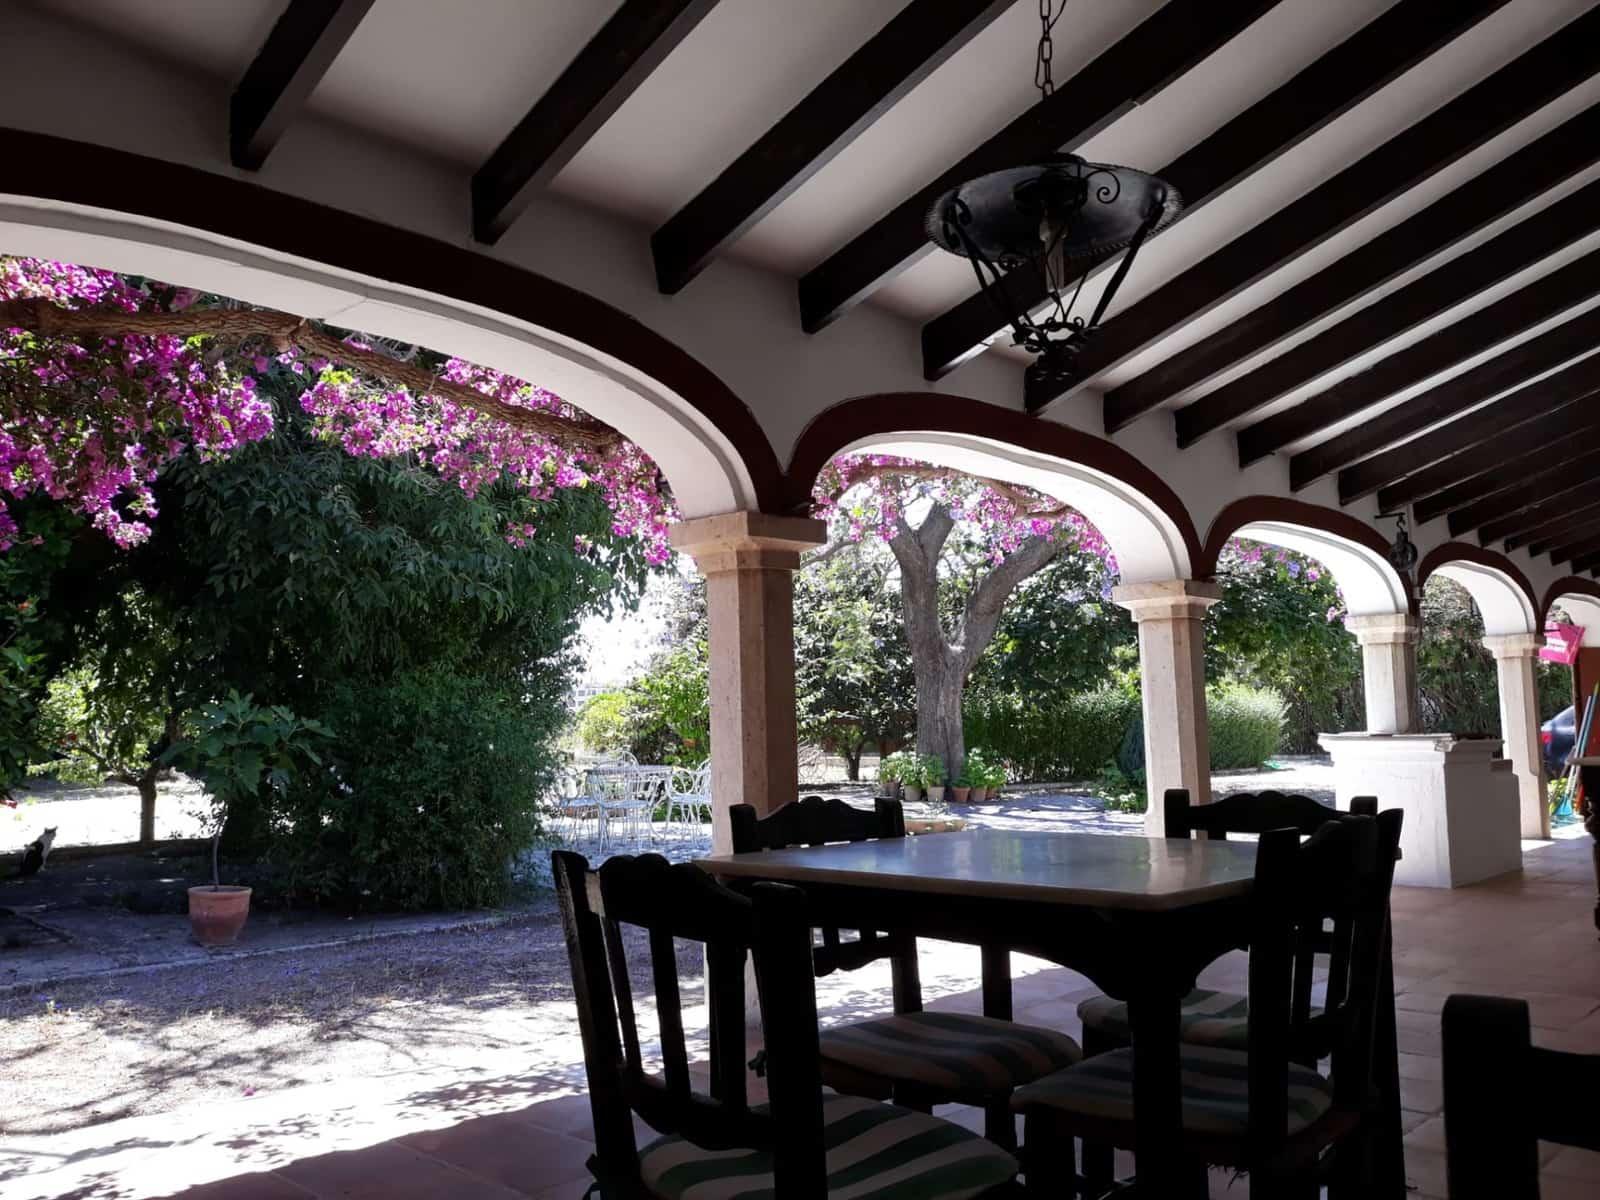 Finca/Casa Rural de 4 habitaciones en Ondara en venta con piscina - 380.000 € (Ref: 5042929)